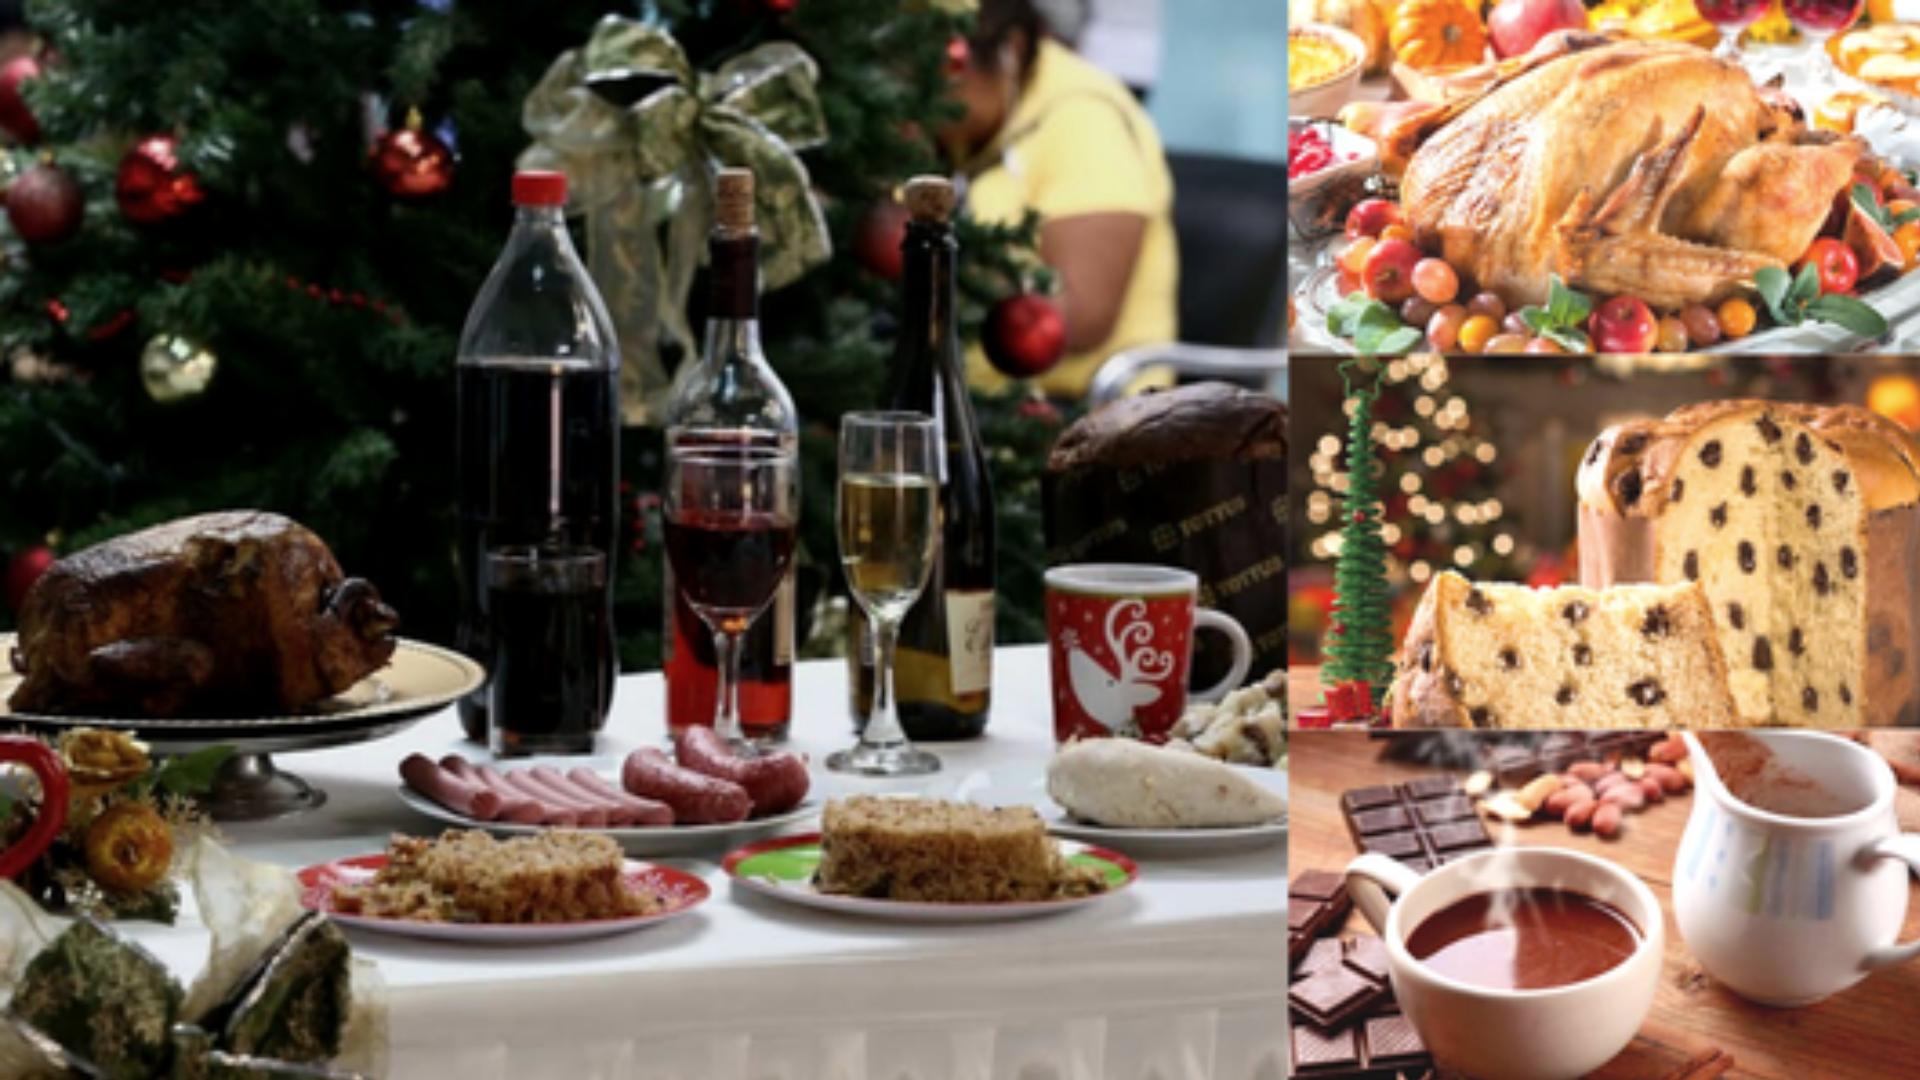 Pavo, panetón y chocolate caliente: ¿Cuál es el origen de la tradicional cena navideña peruana?